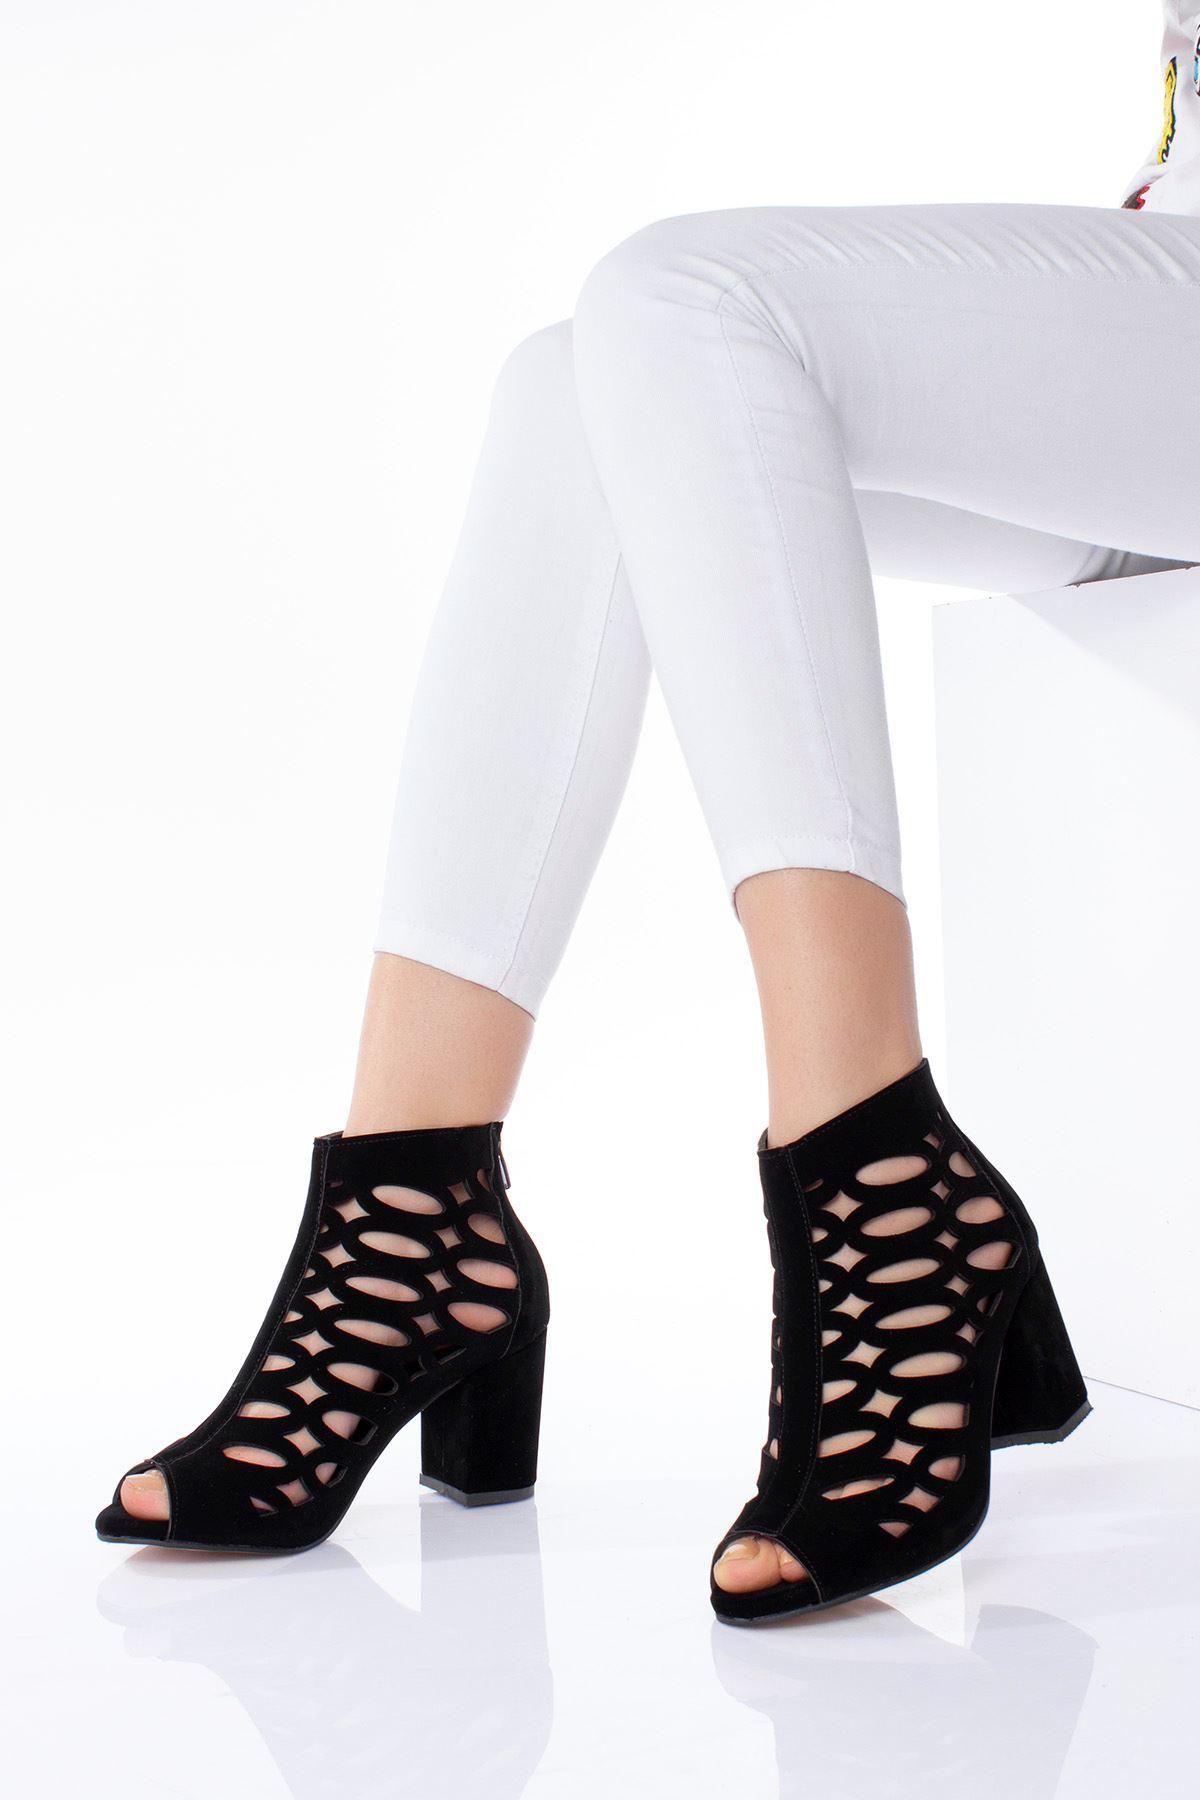 Kafes Model Kadın Ayakkabı